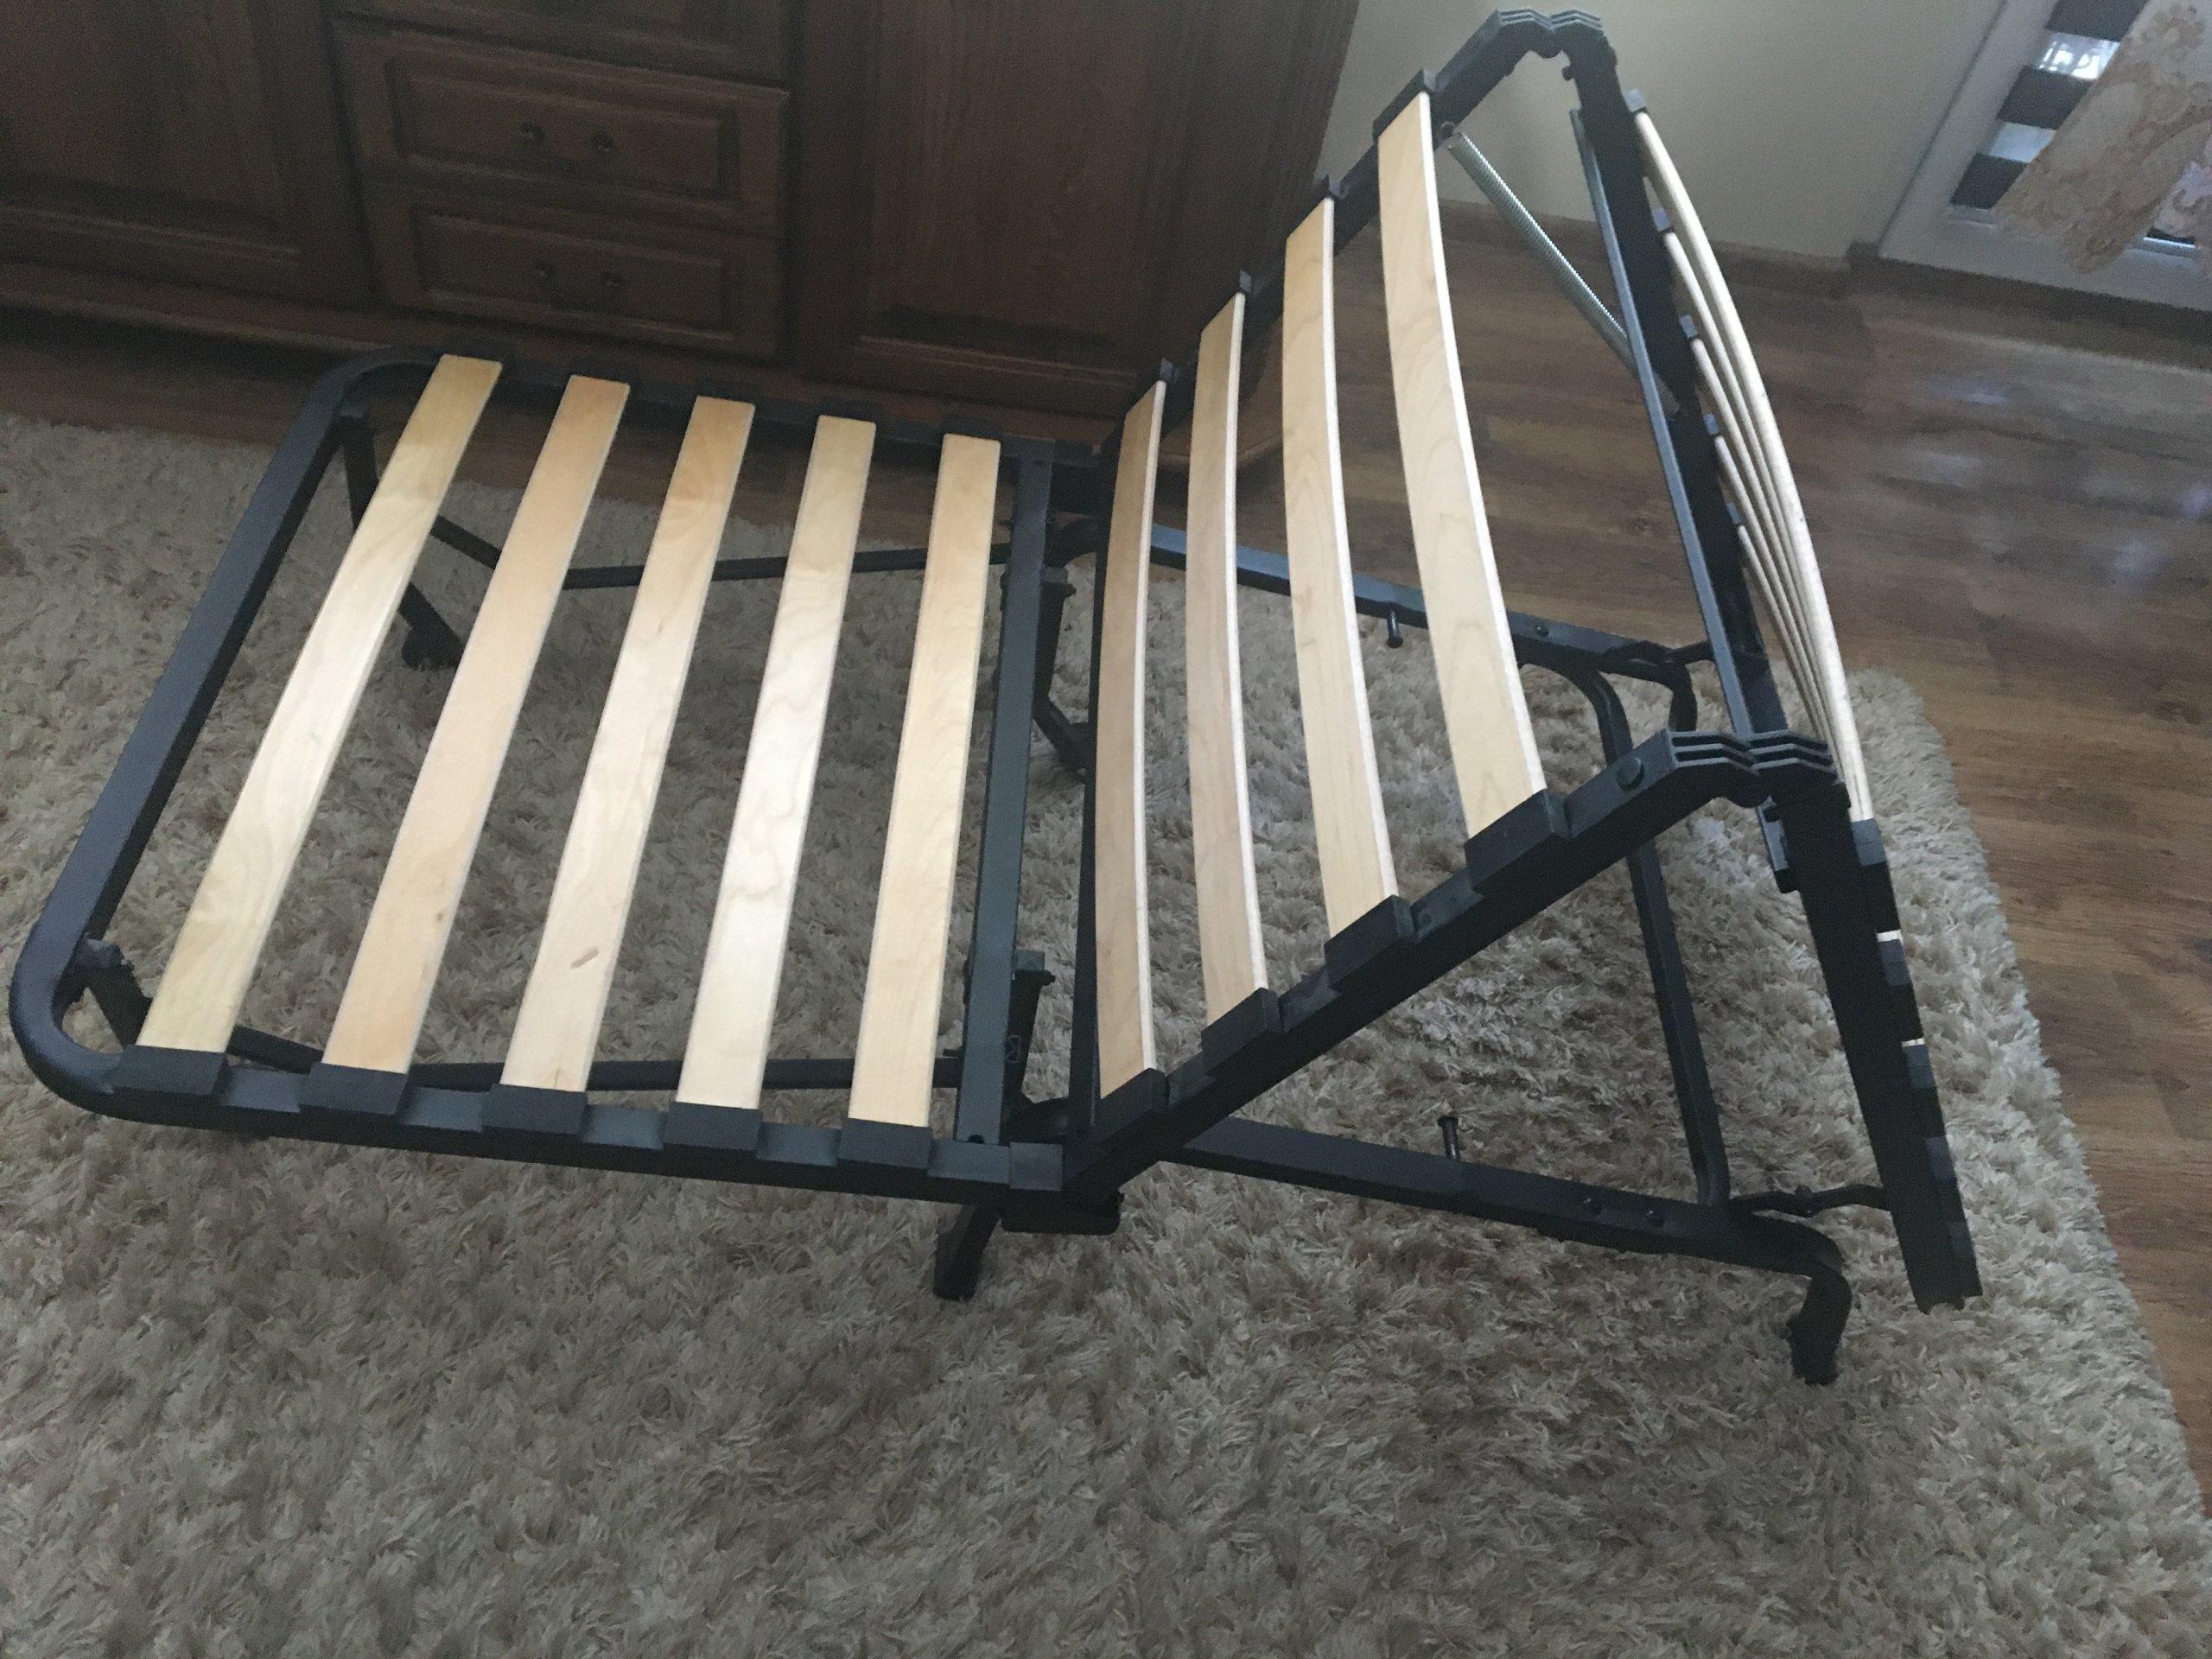 Ikea Fotel Rozkładany łóżko Sofa 1os 7211522042